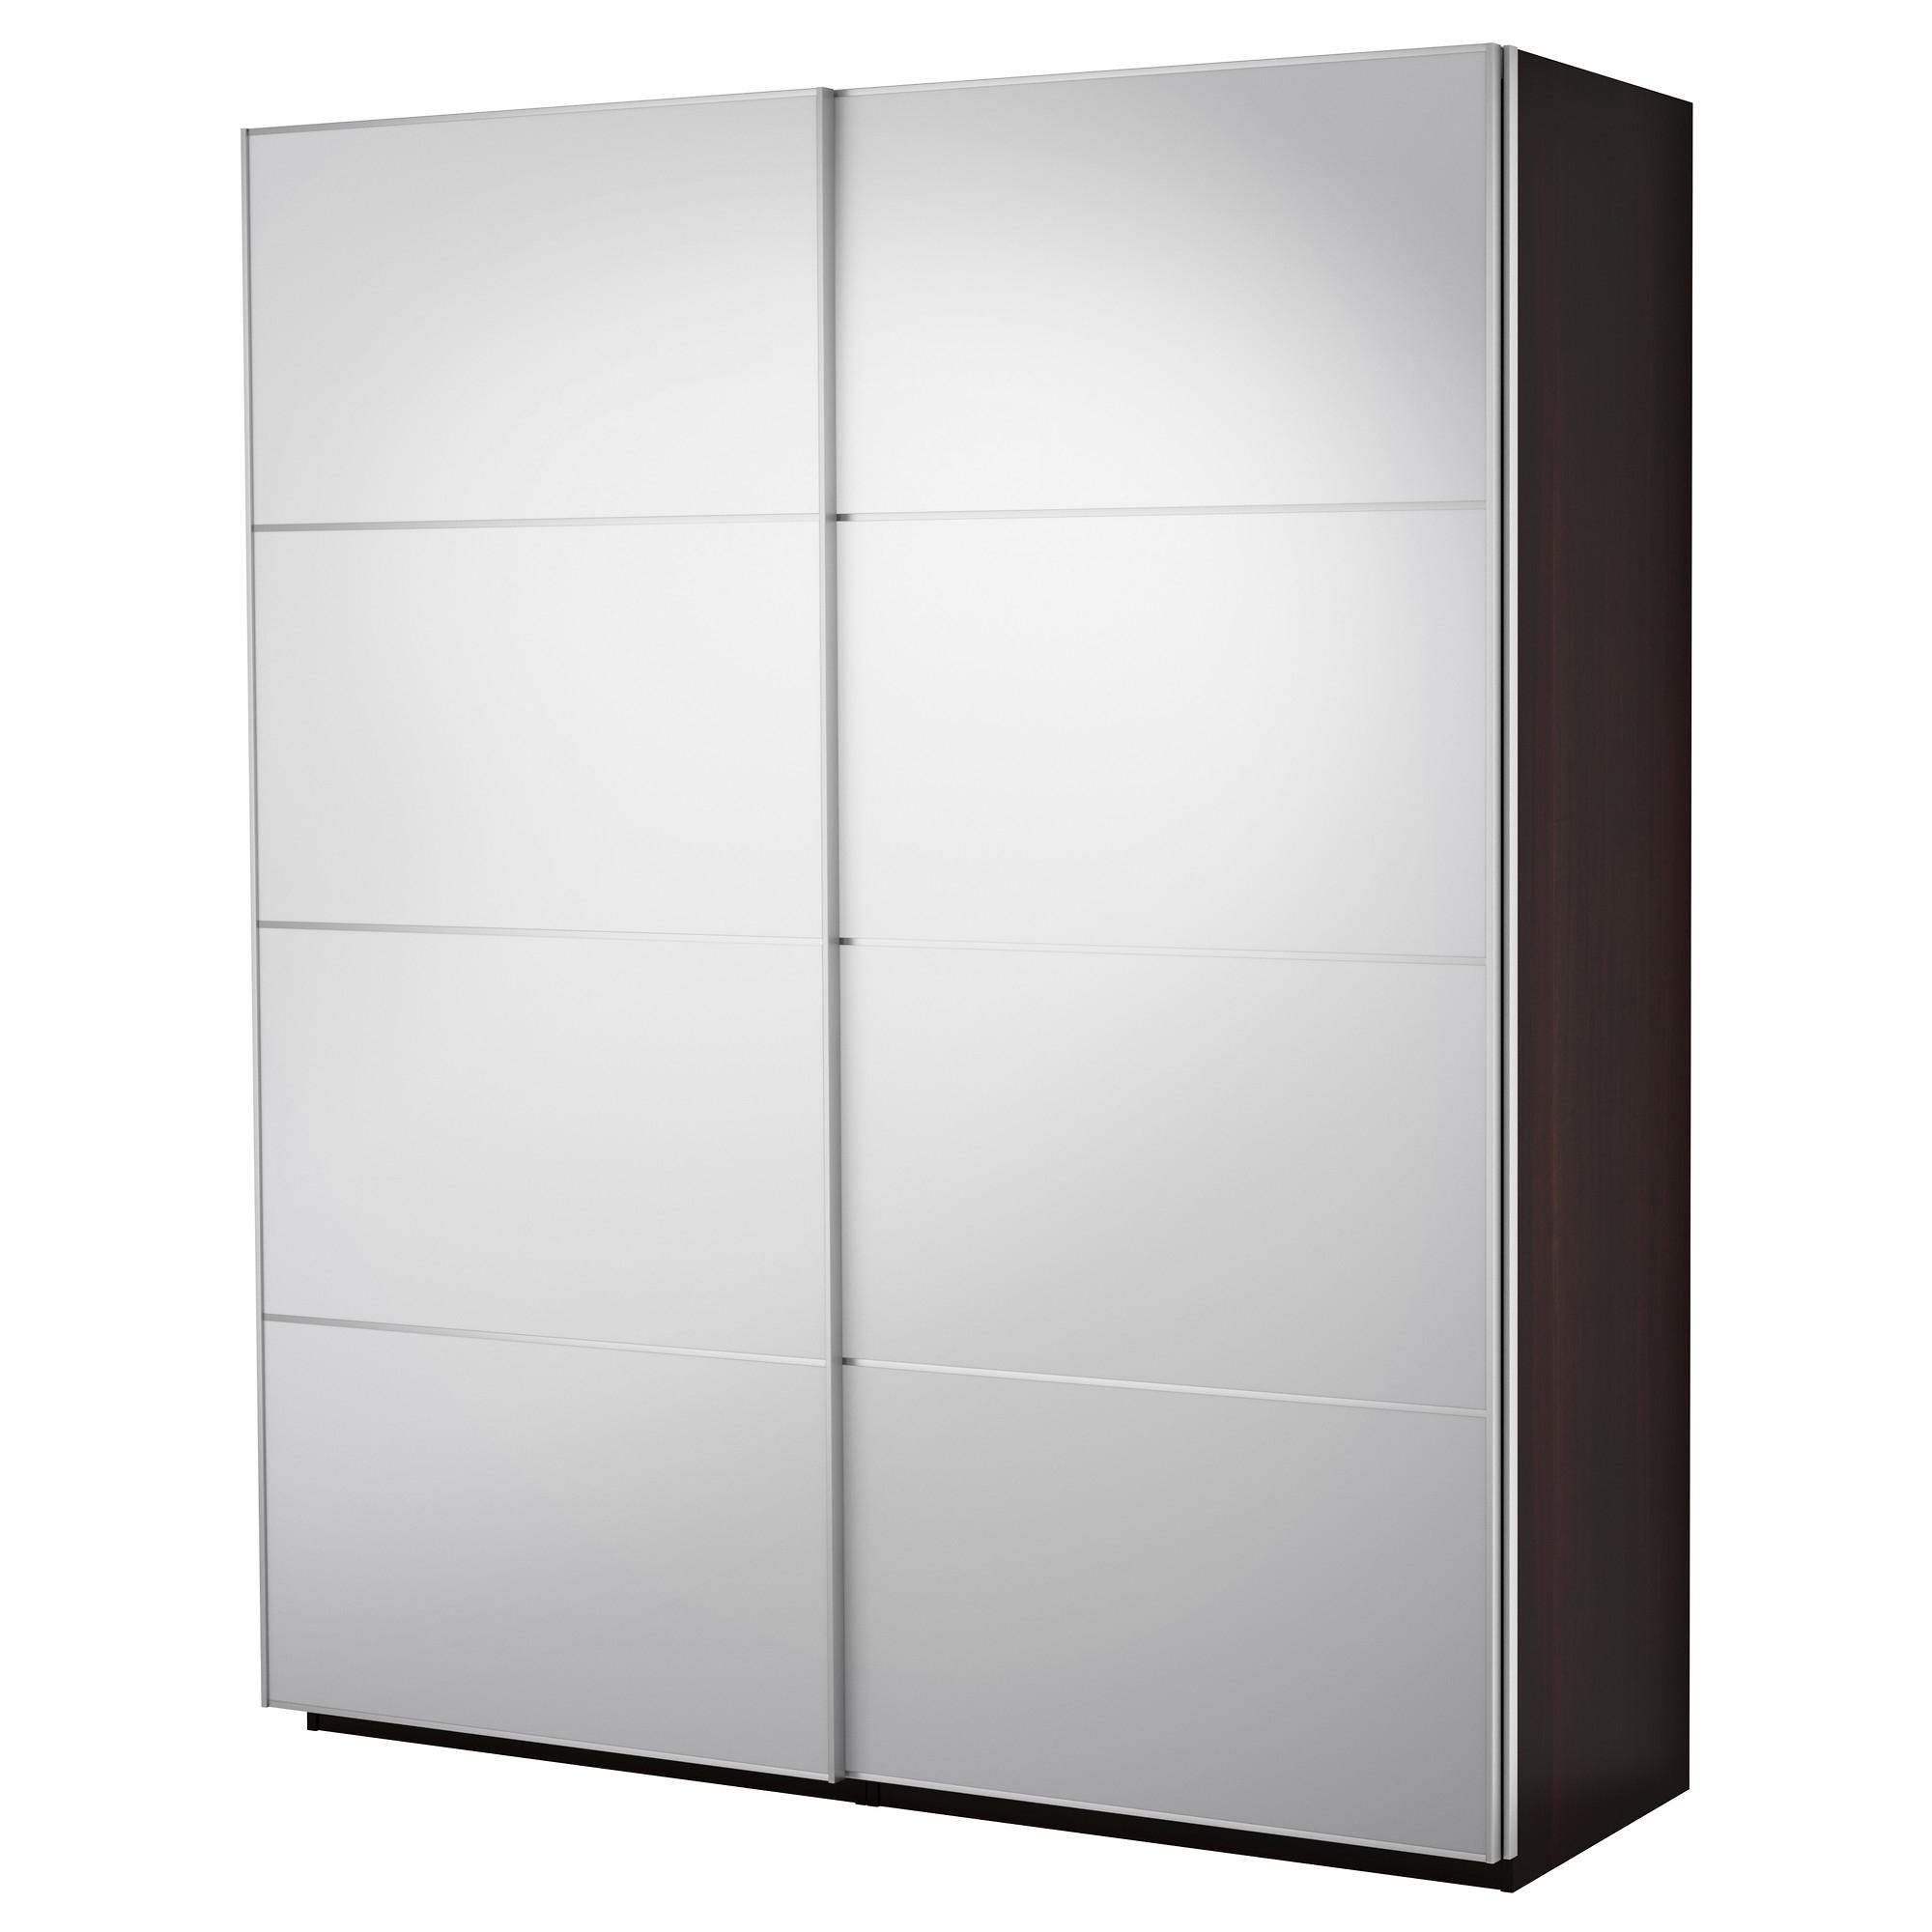 Pax armario con puertas correderas - Armarios modulares ...